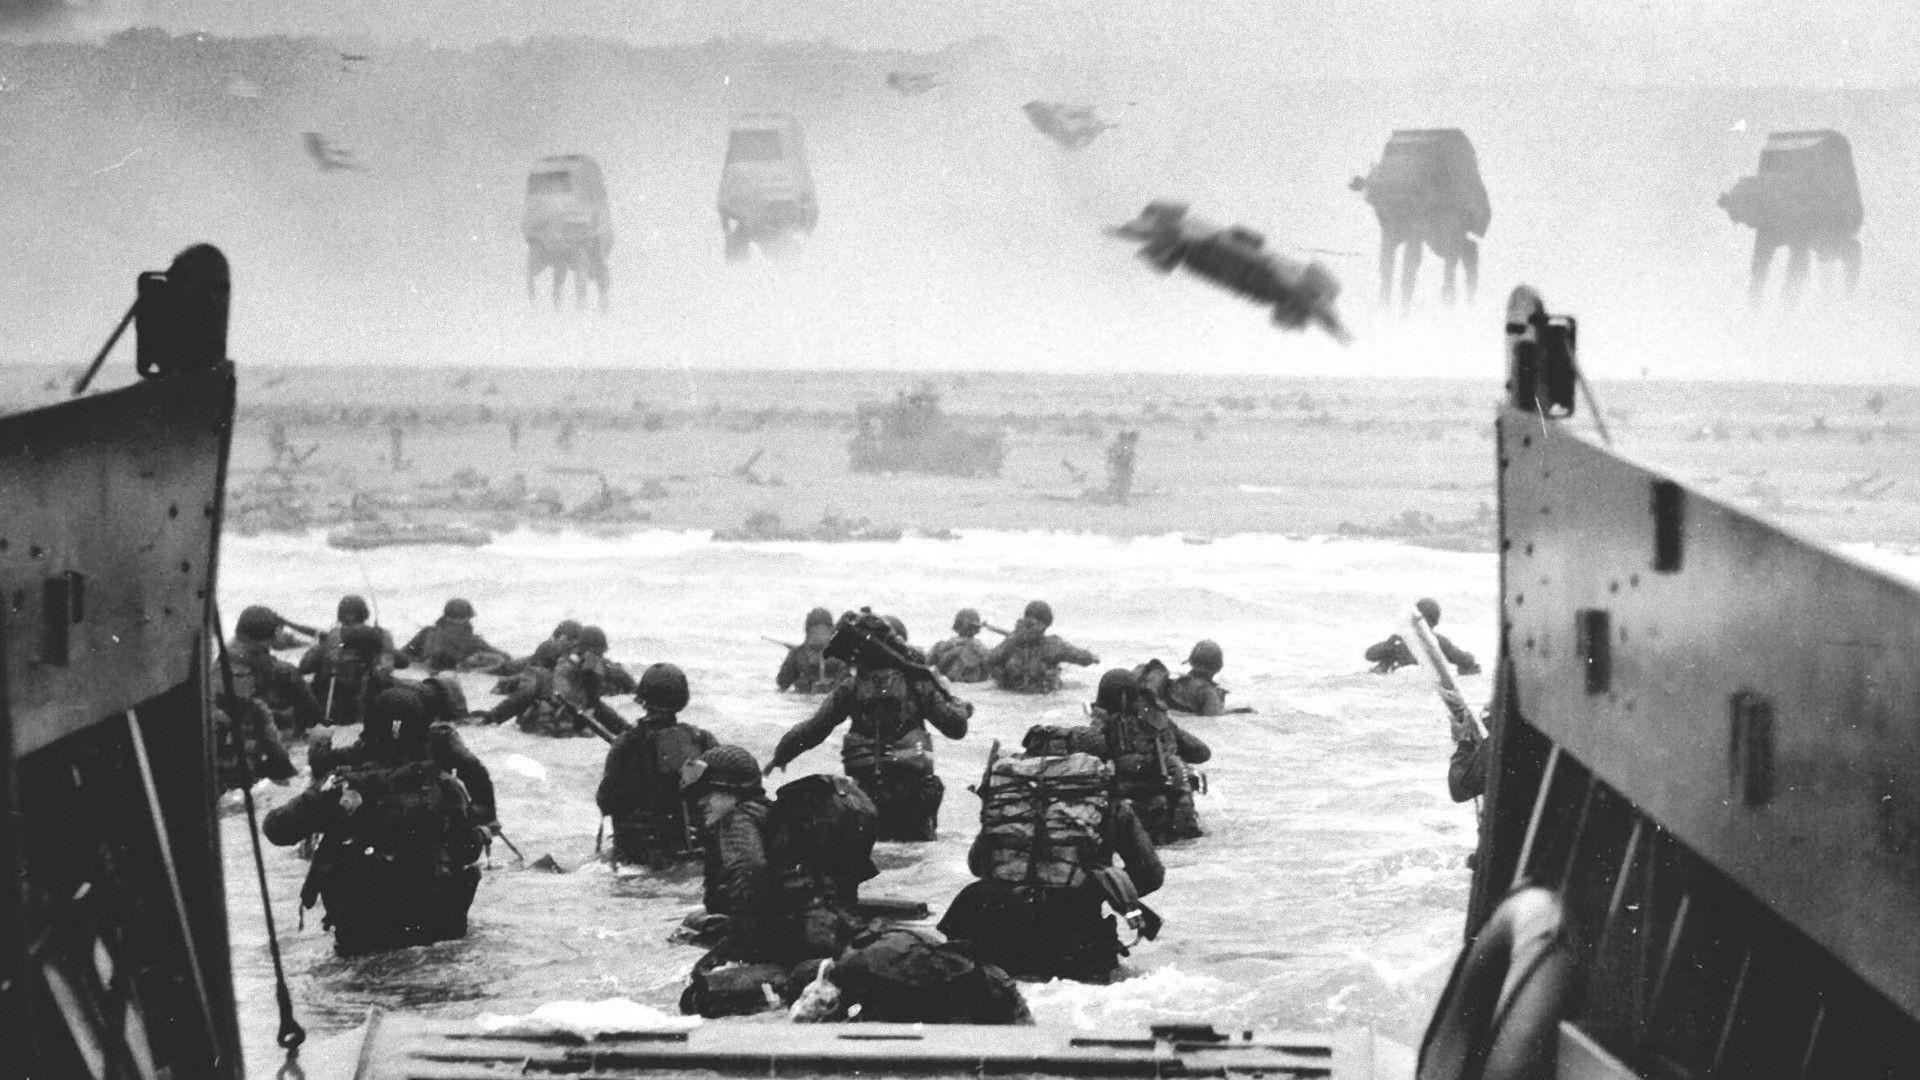 Star Wars, black and white, war, fake, World War II ::